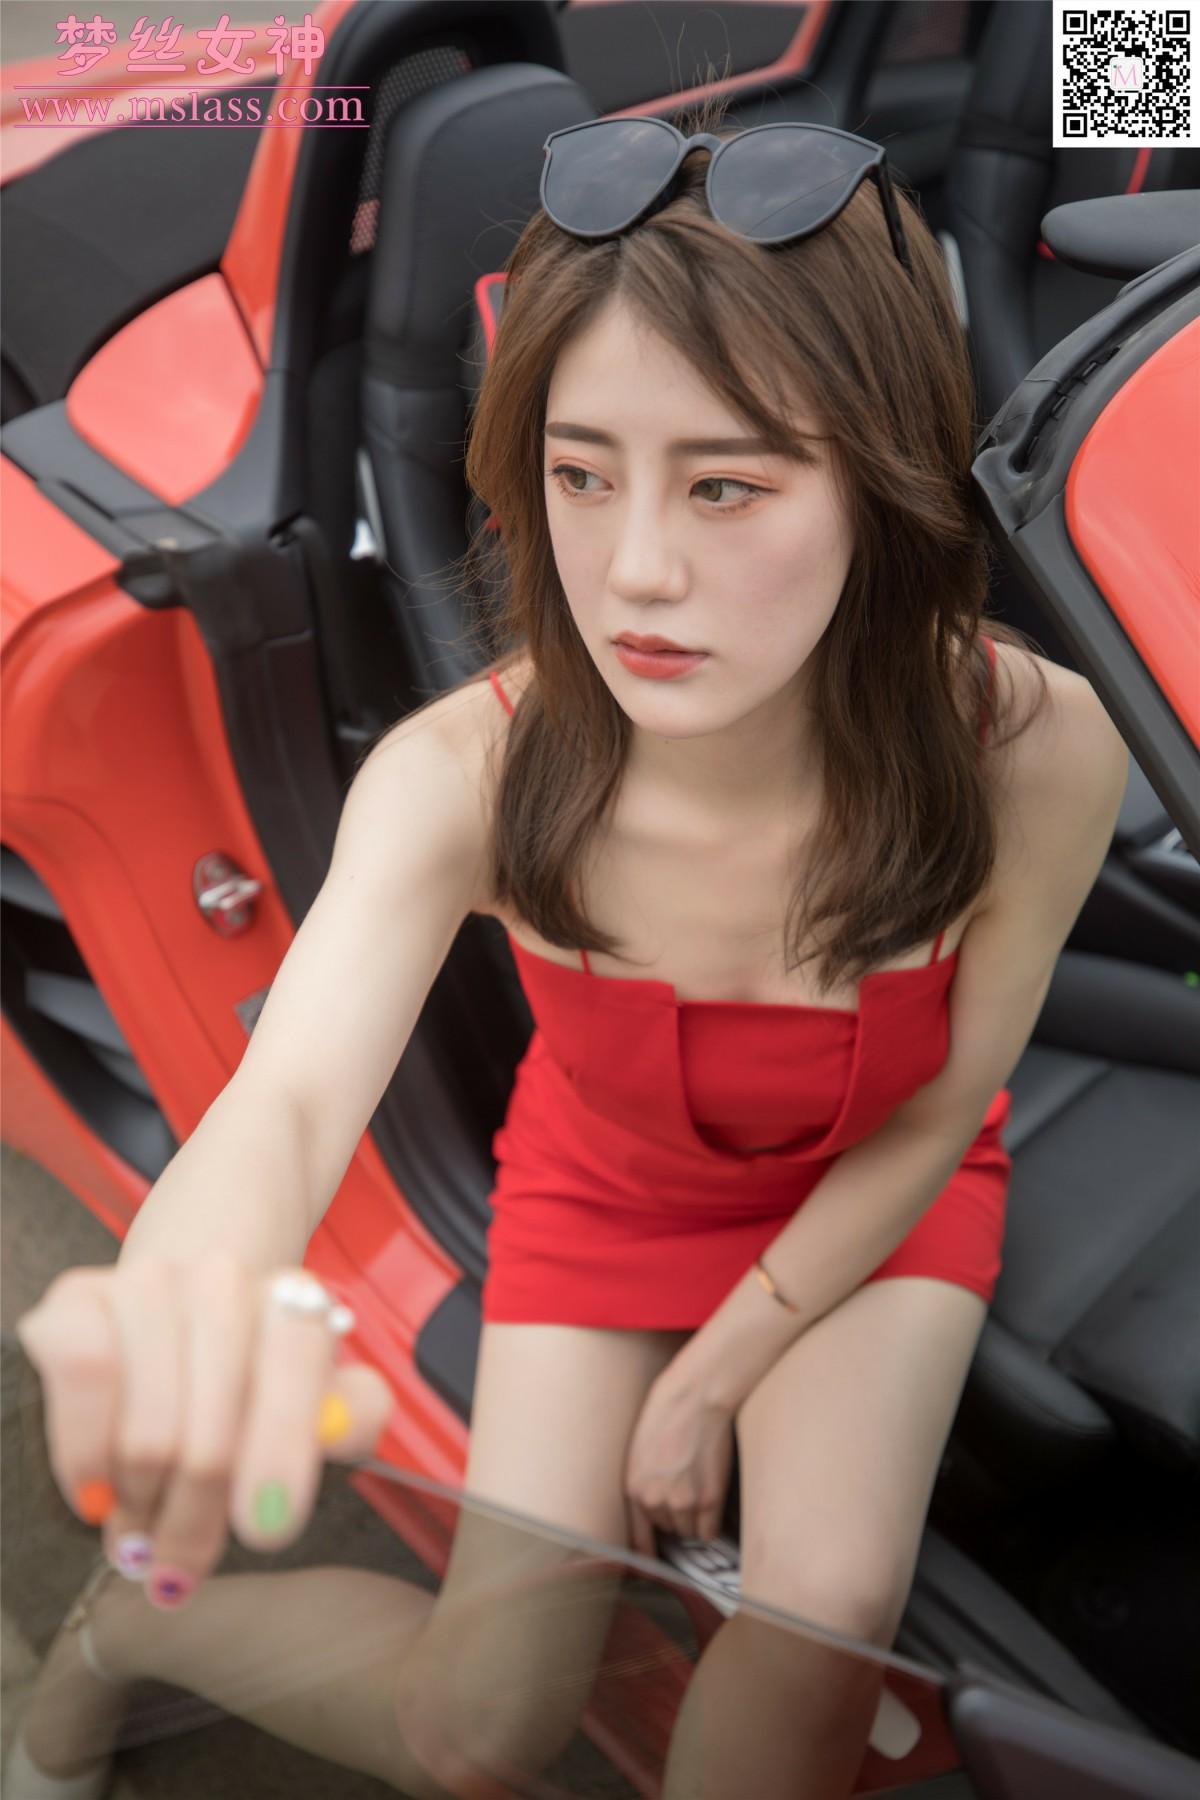 [MSLASS]梦丝女神 陈颖儿 车模女神[70P] 梦丝女神 第4张